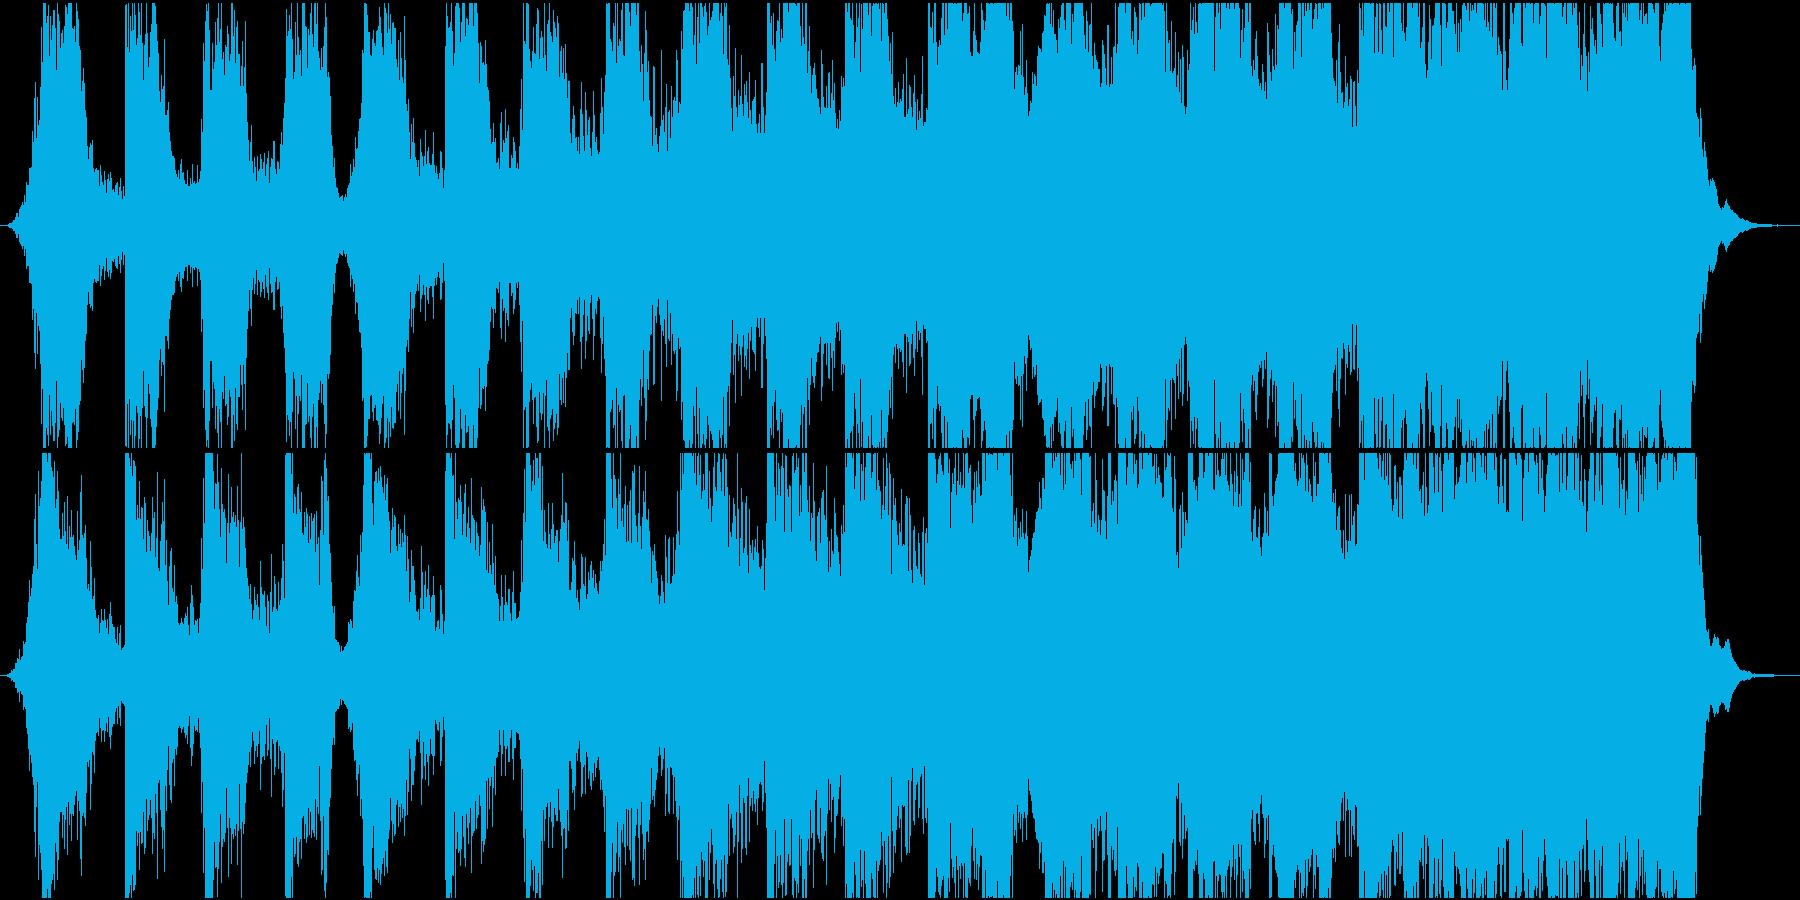 迫力ある映画のティーザー風楽曲の再生済みの波形